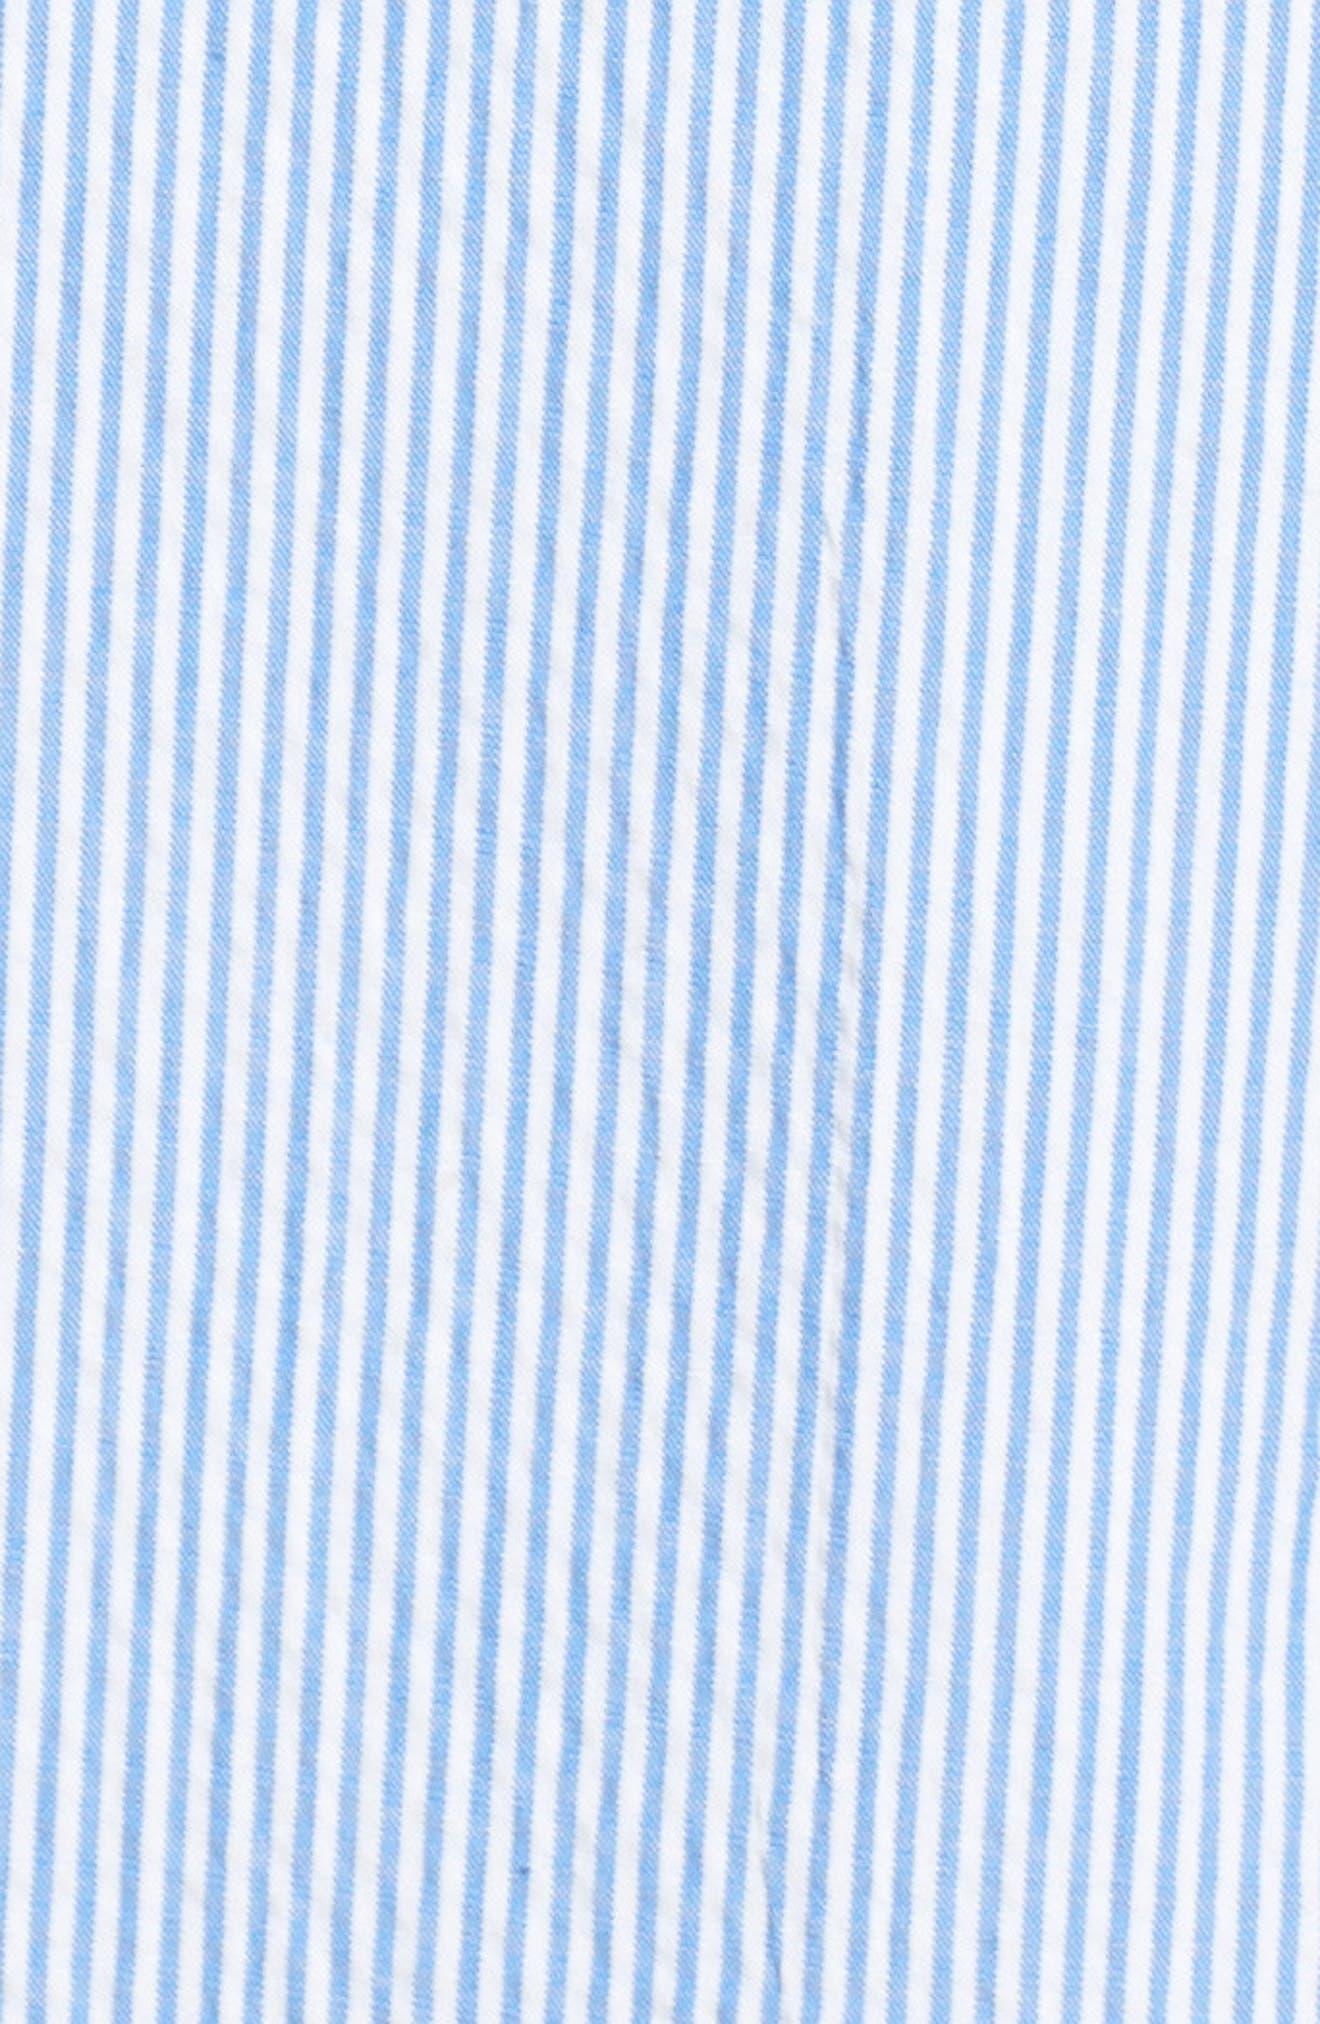 Stripe Sleeveless Shift Dress,                             Alternate thumbnail 6, color,                             Orange Sky